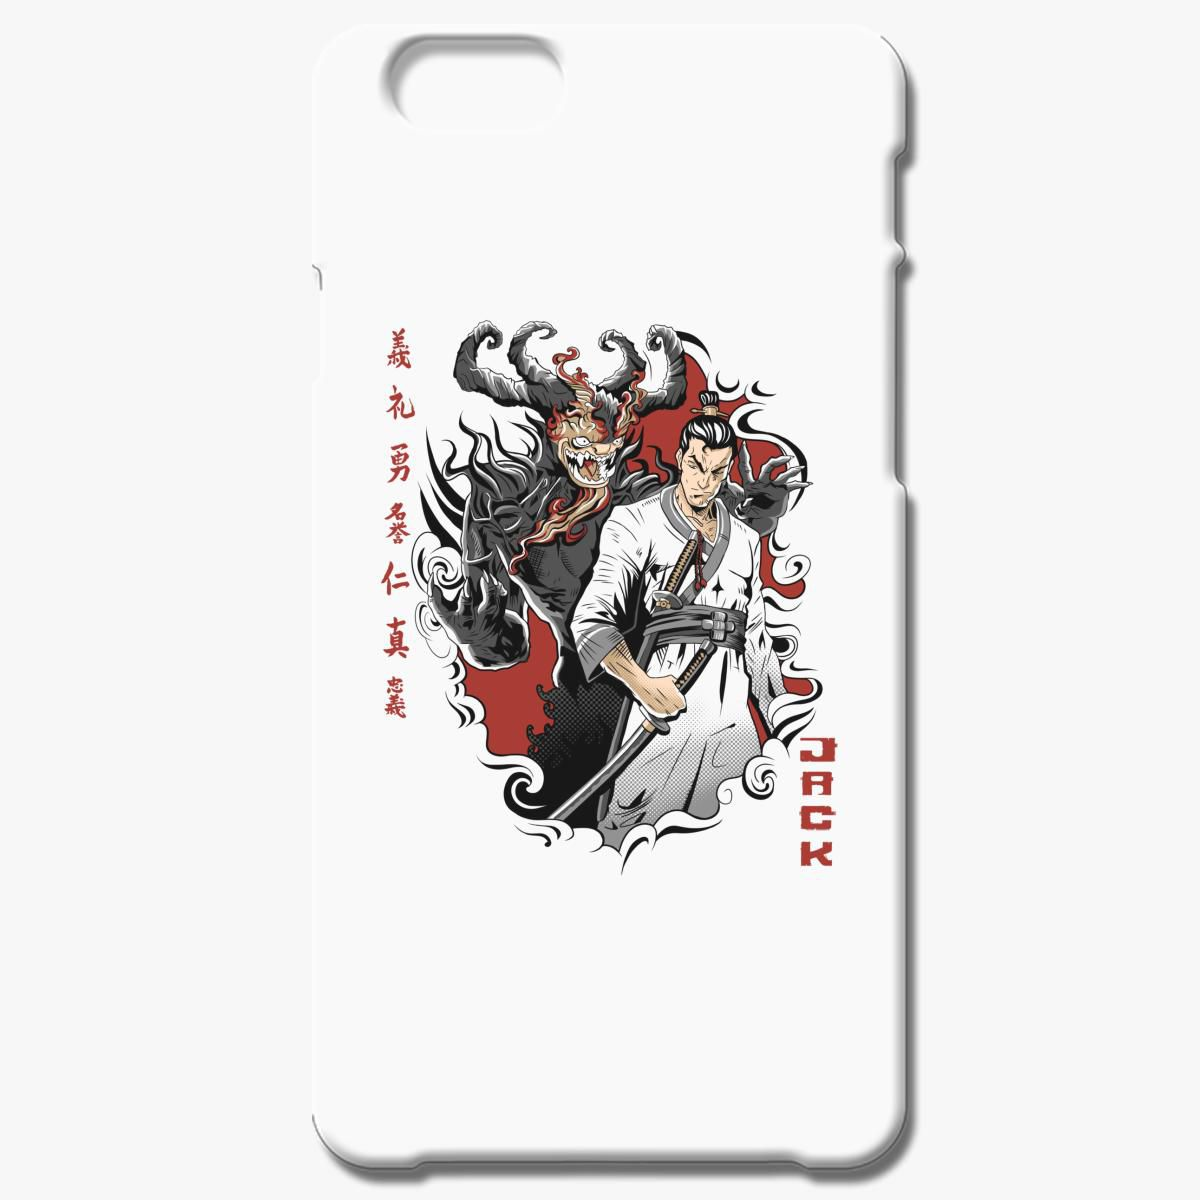 Samurai Jack Iphone 6 6s Plus Case